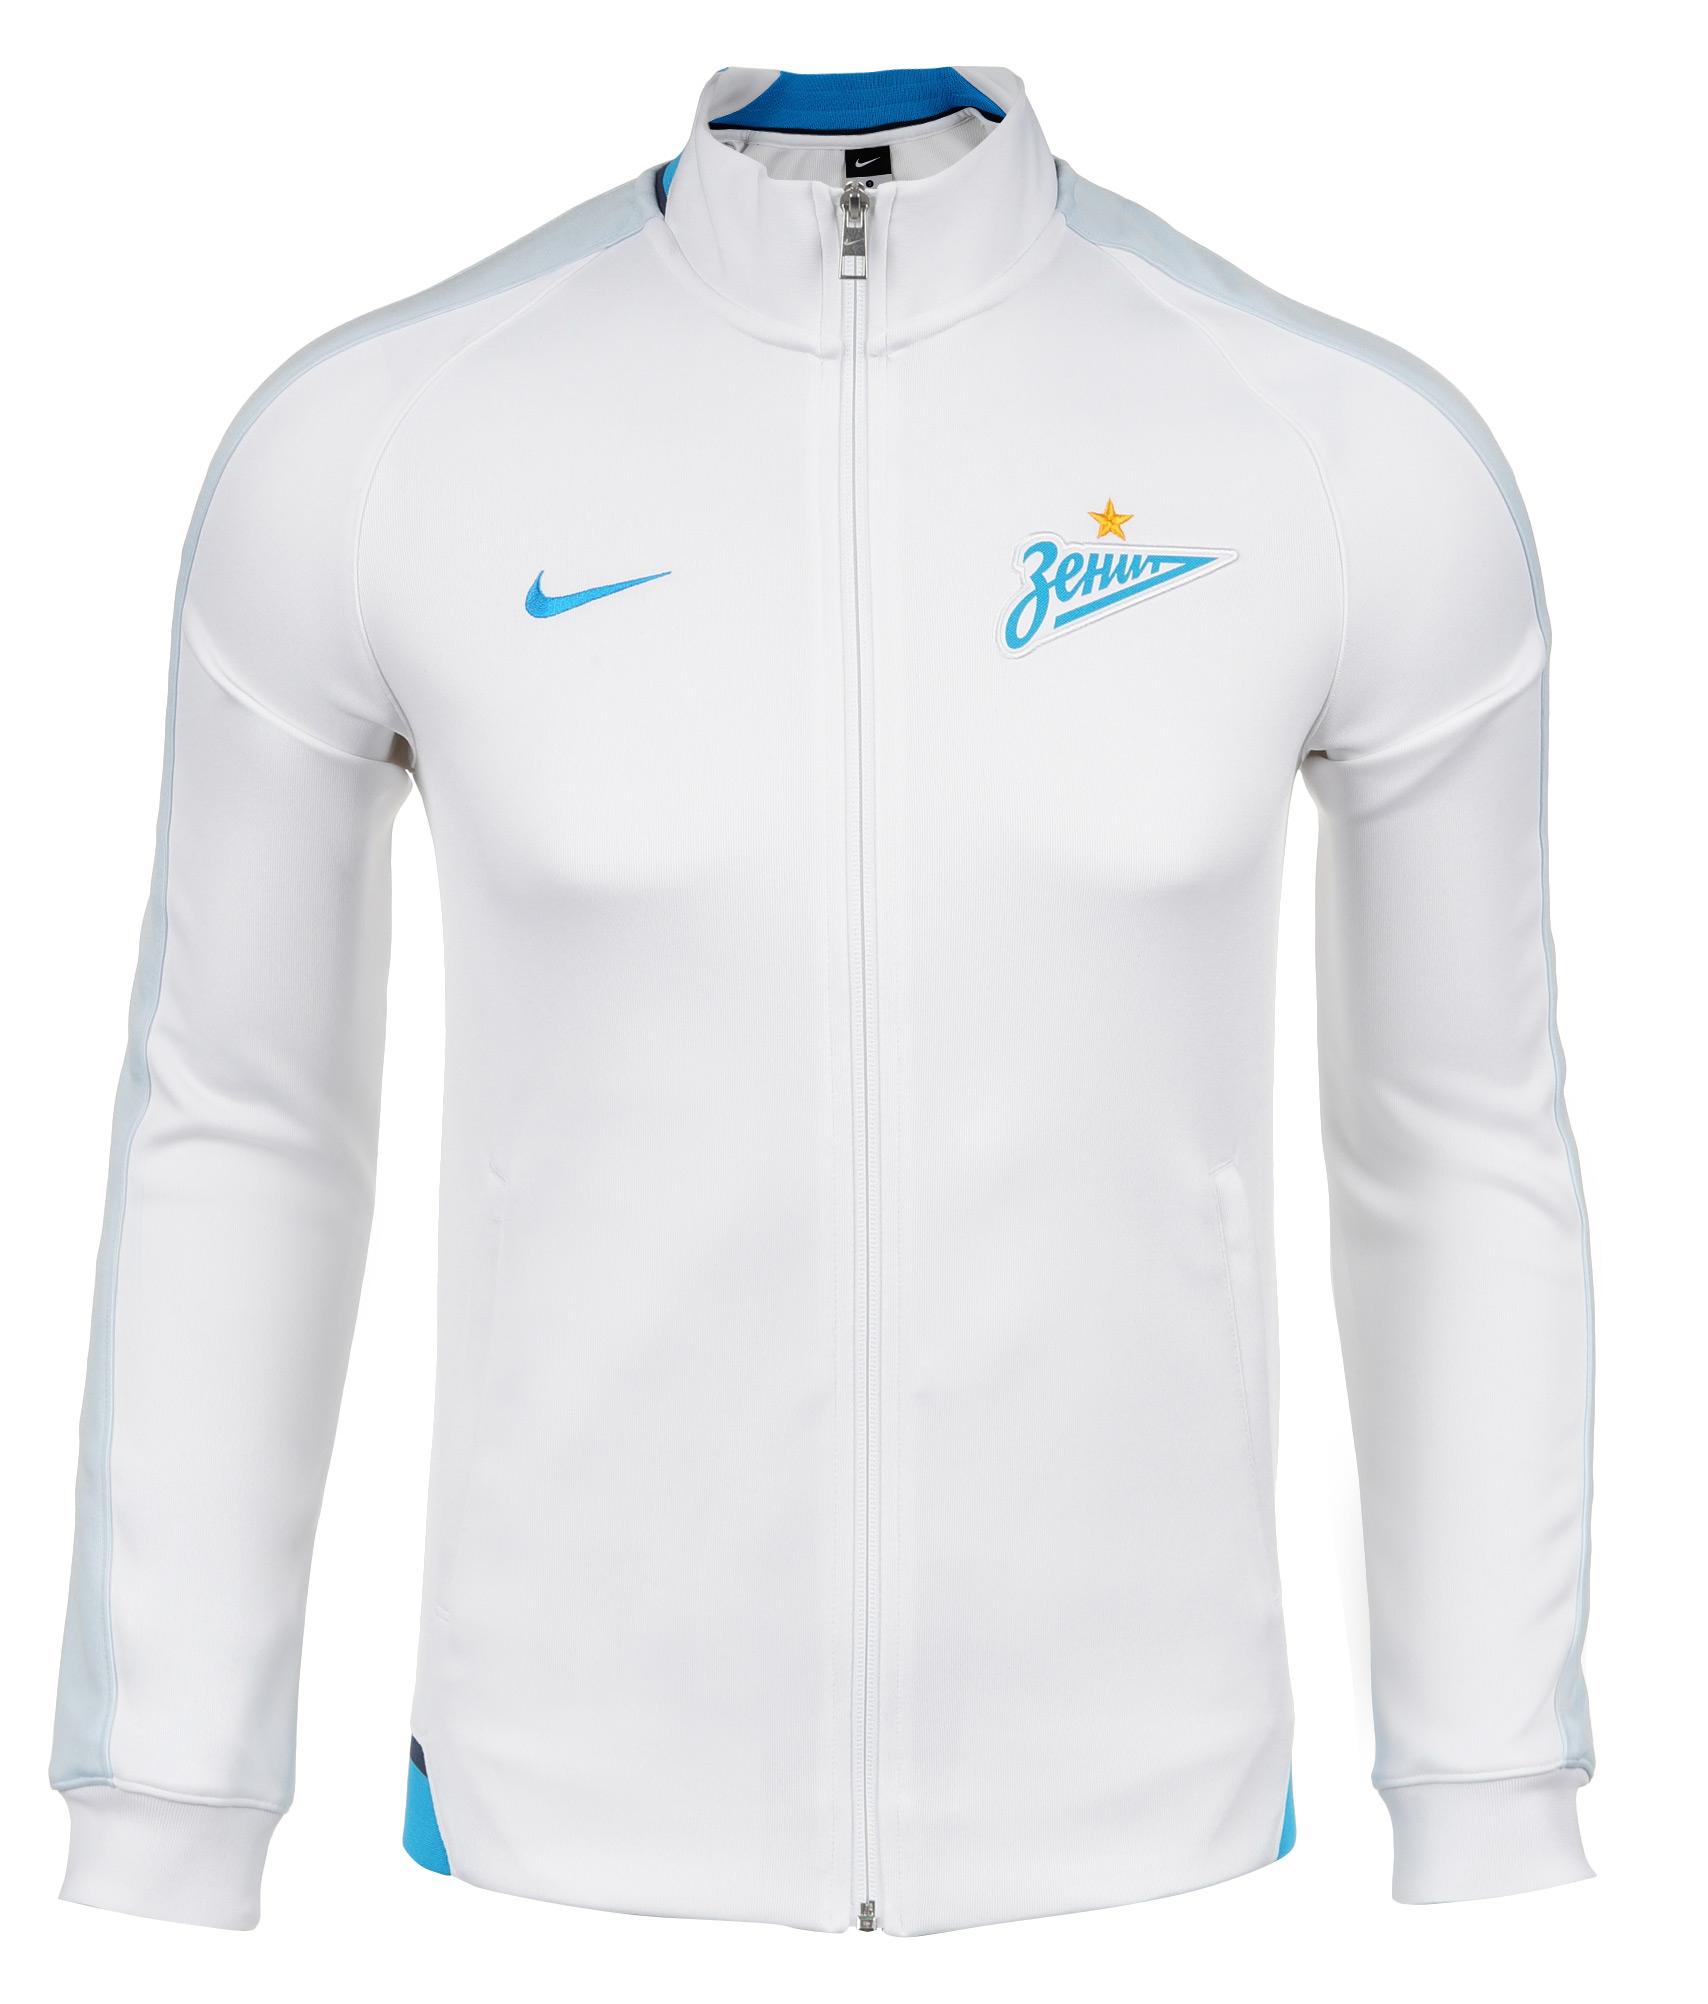 Олимпийка NIKE N98 ZENIT AUTH TRK JKT, Цвет-Белый, Размер-XL ferz fe913cwgis18